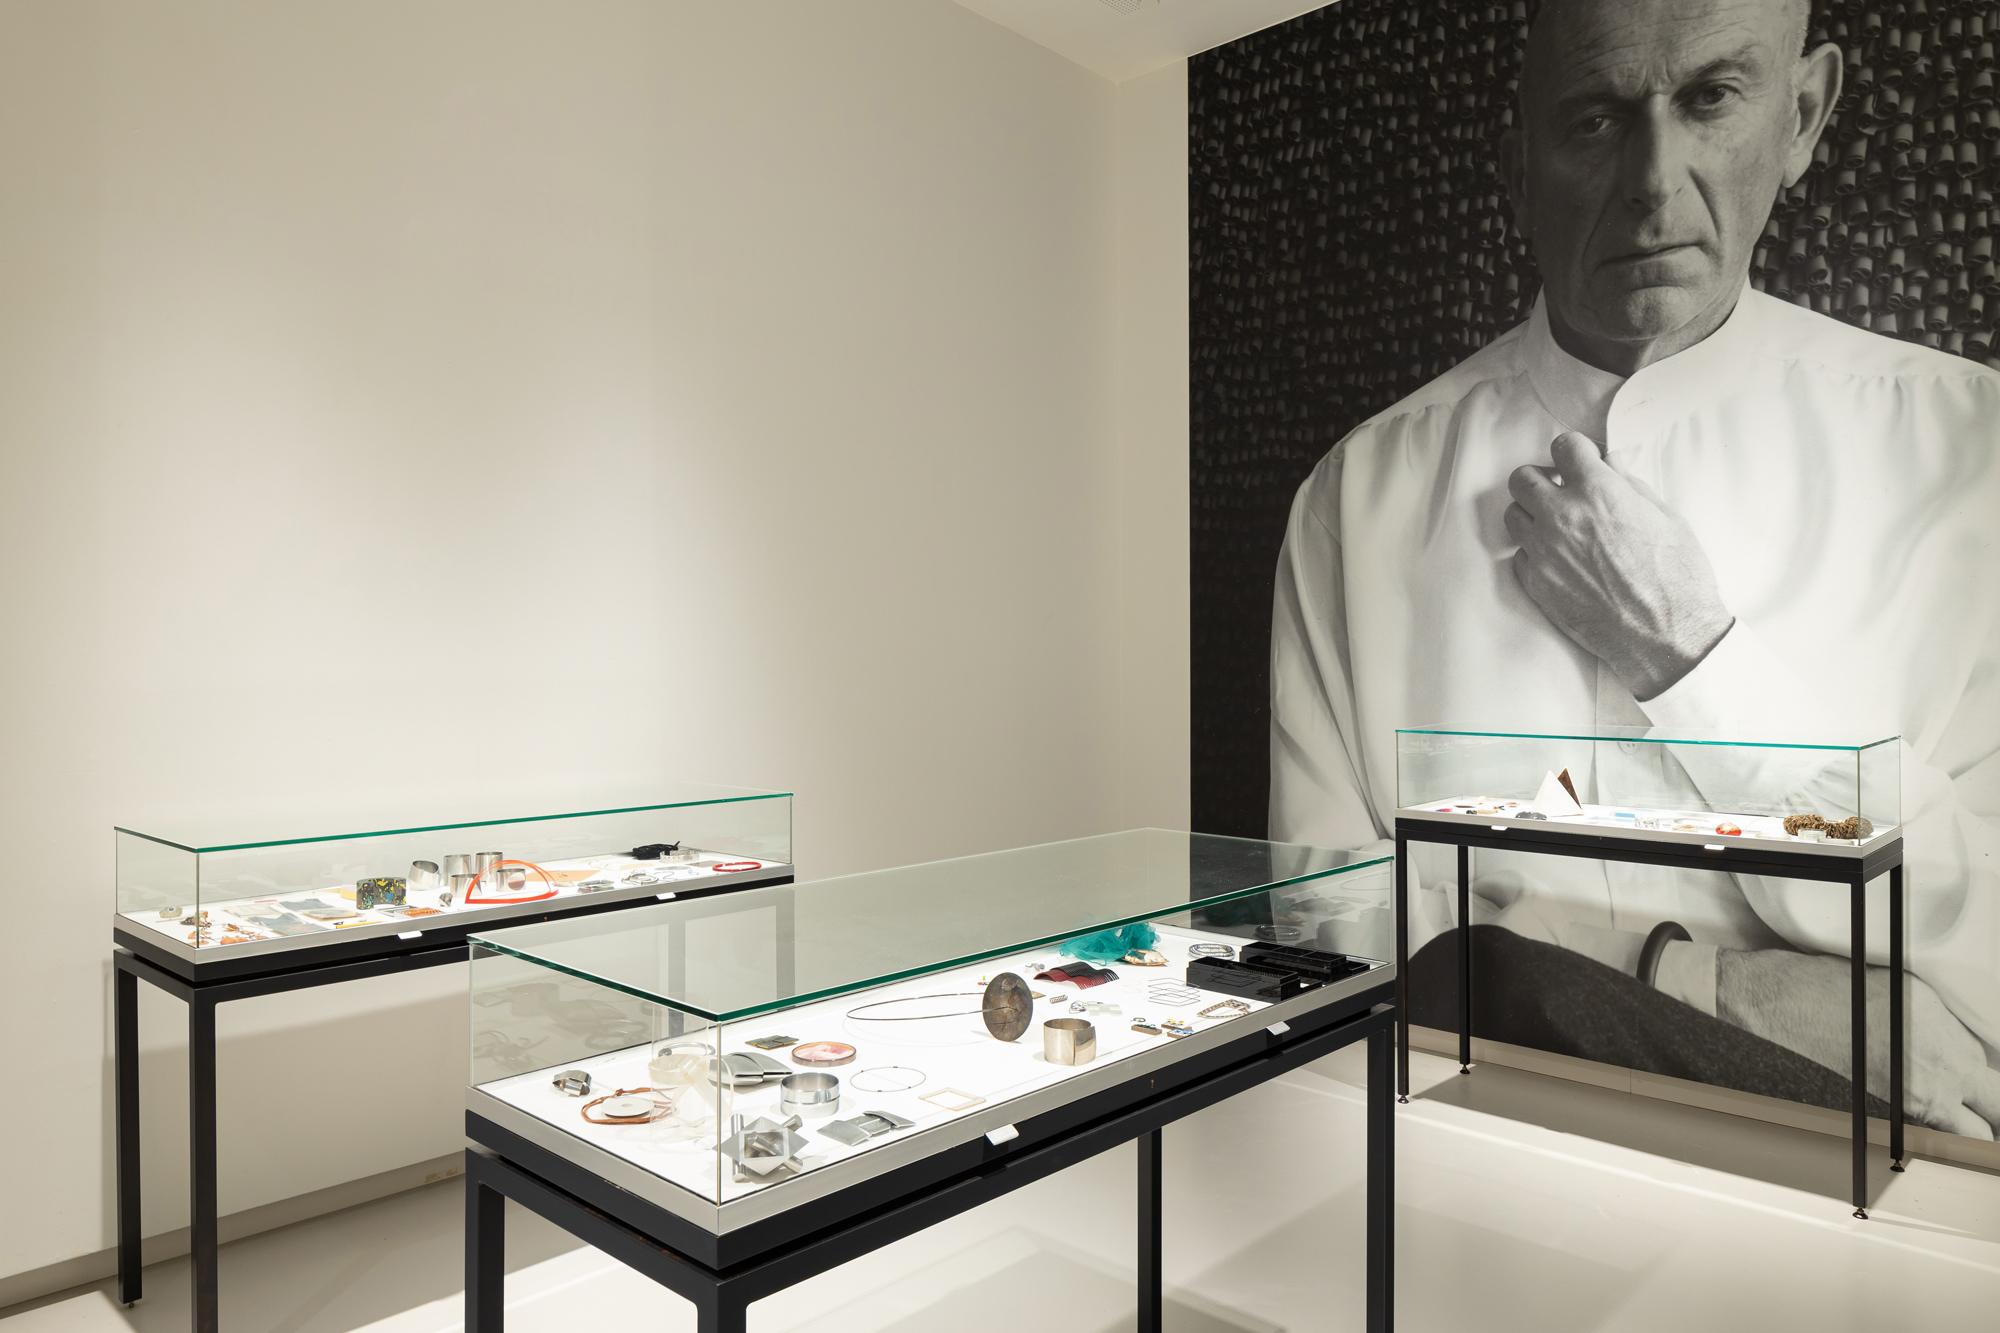 Benno Premsela - Strijder en verleider, Design Museum Den Bosch, 2021, portret, vitrines, tentoonstelling